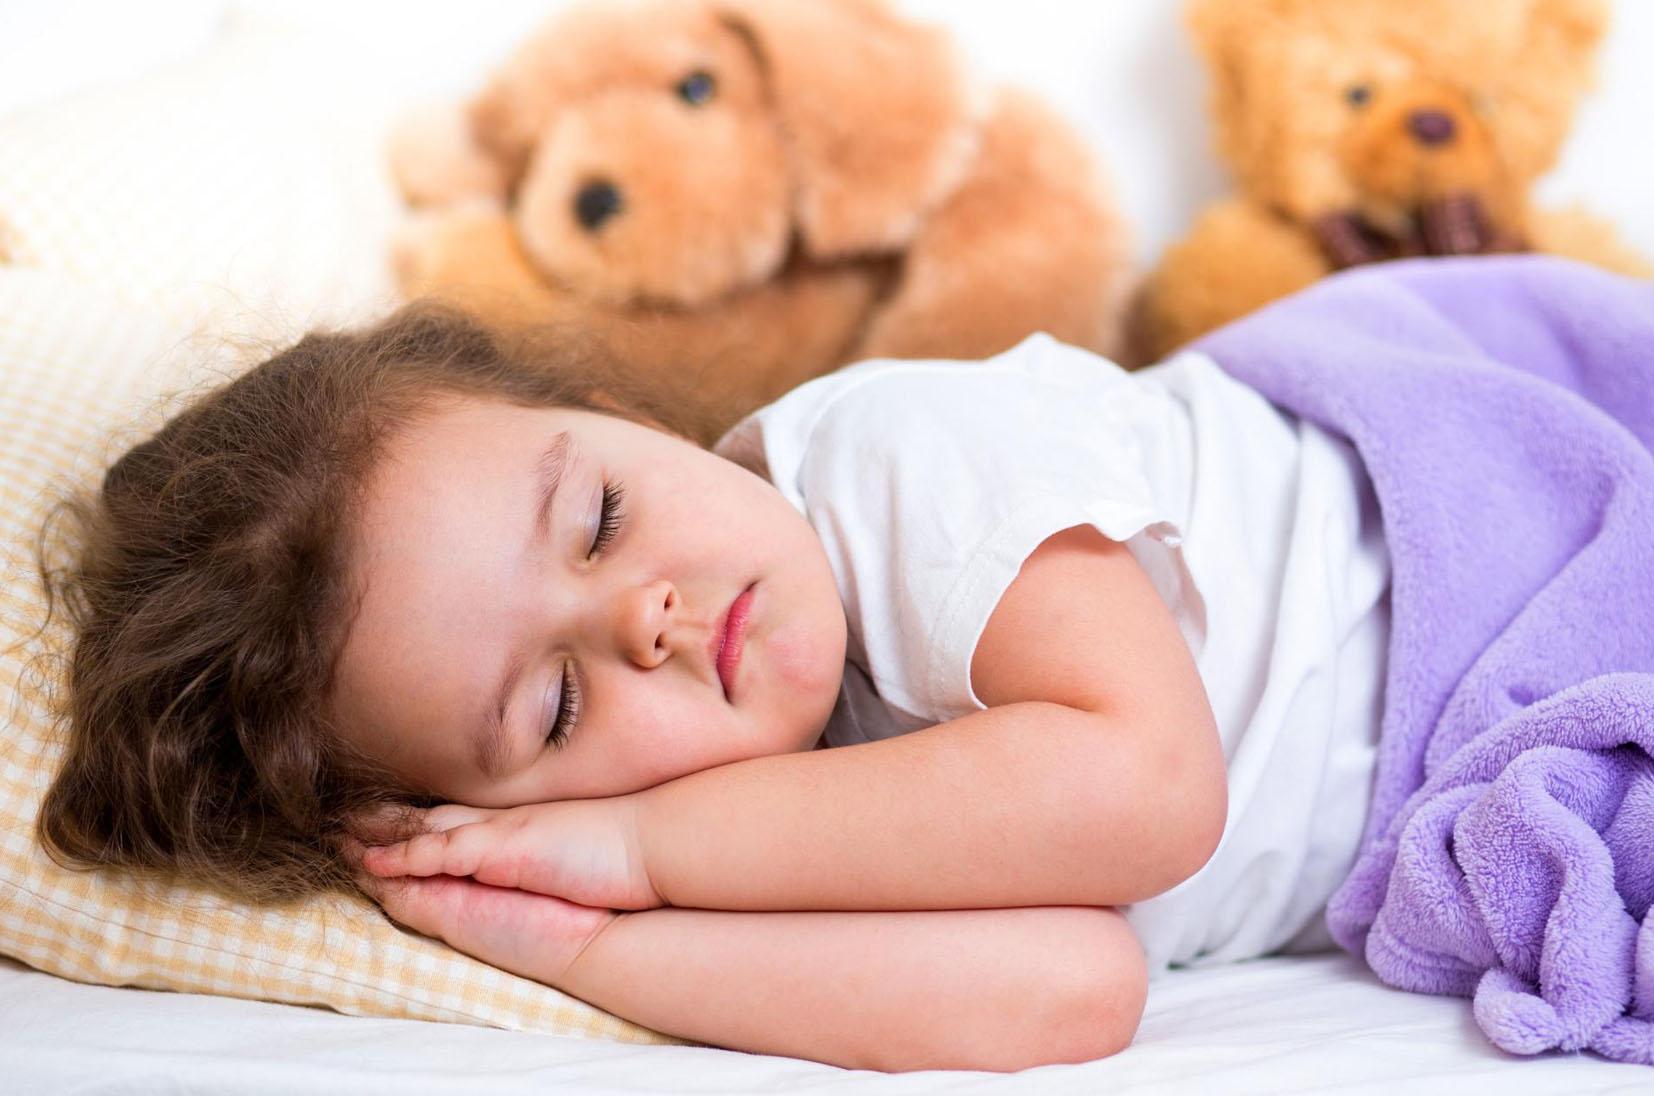 Бруксизм у детей: нужна ли помощь врача?